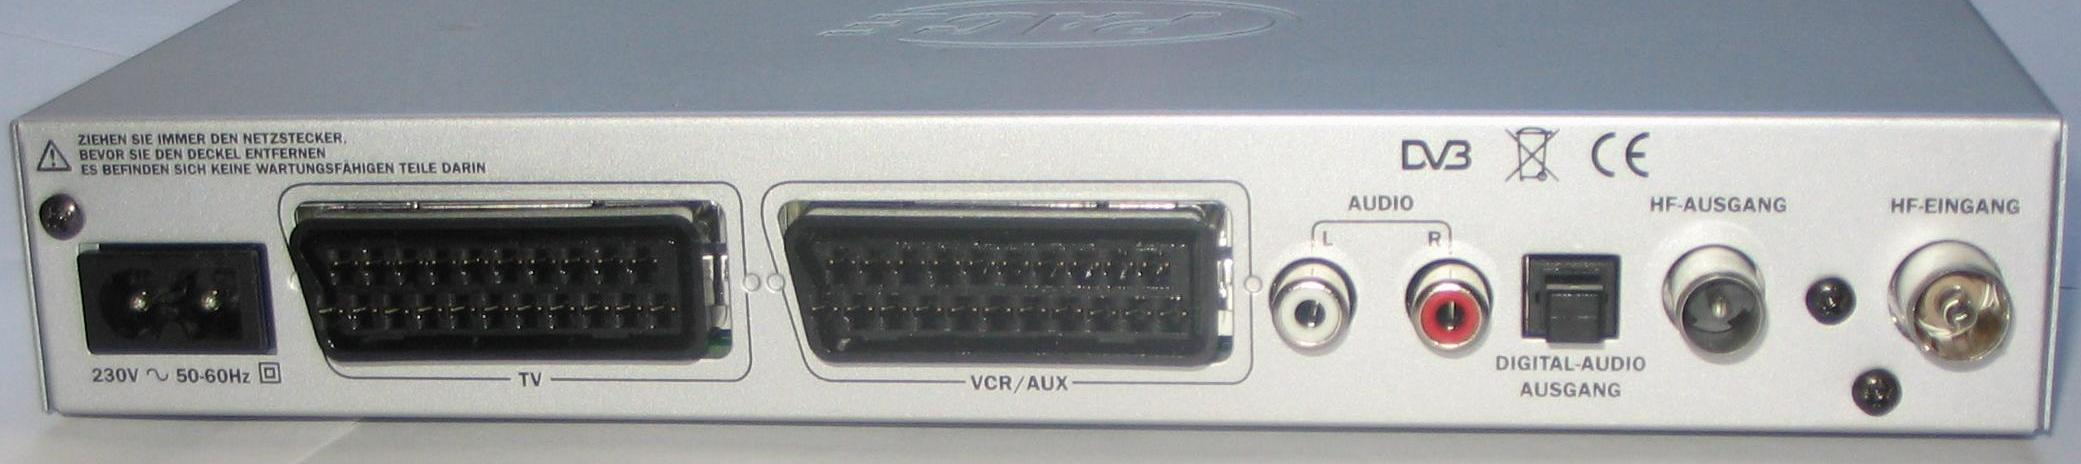 file kabel digital deutschland receiver. Black Bedroom Furniture Sets. Home Design Ideas